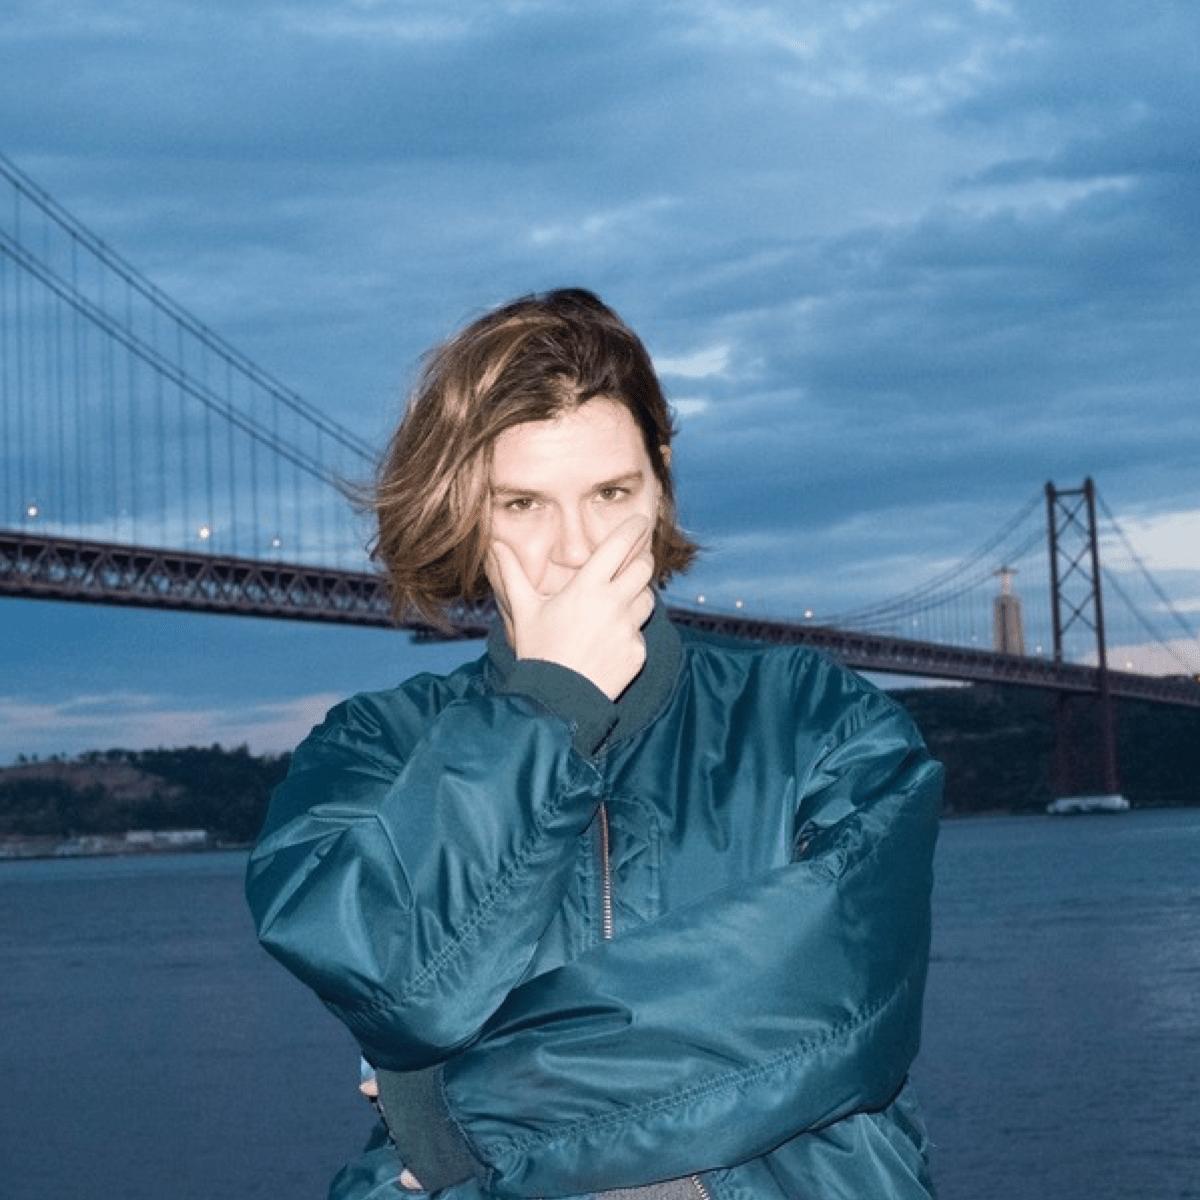 Productrice, DJ et boss du label Naive, Violet incarne la scène underground et Techno de Lisbonne au Portugal